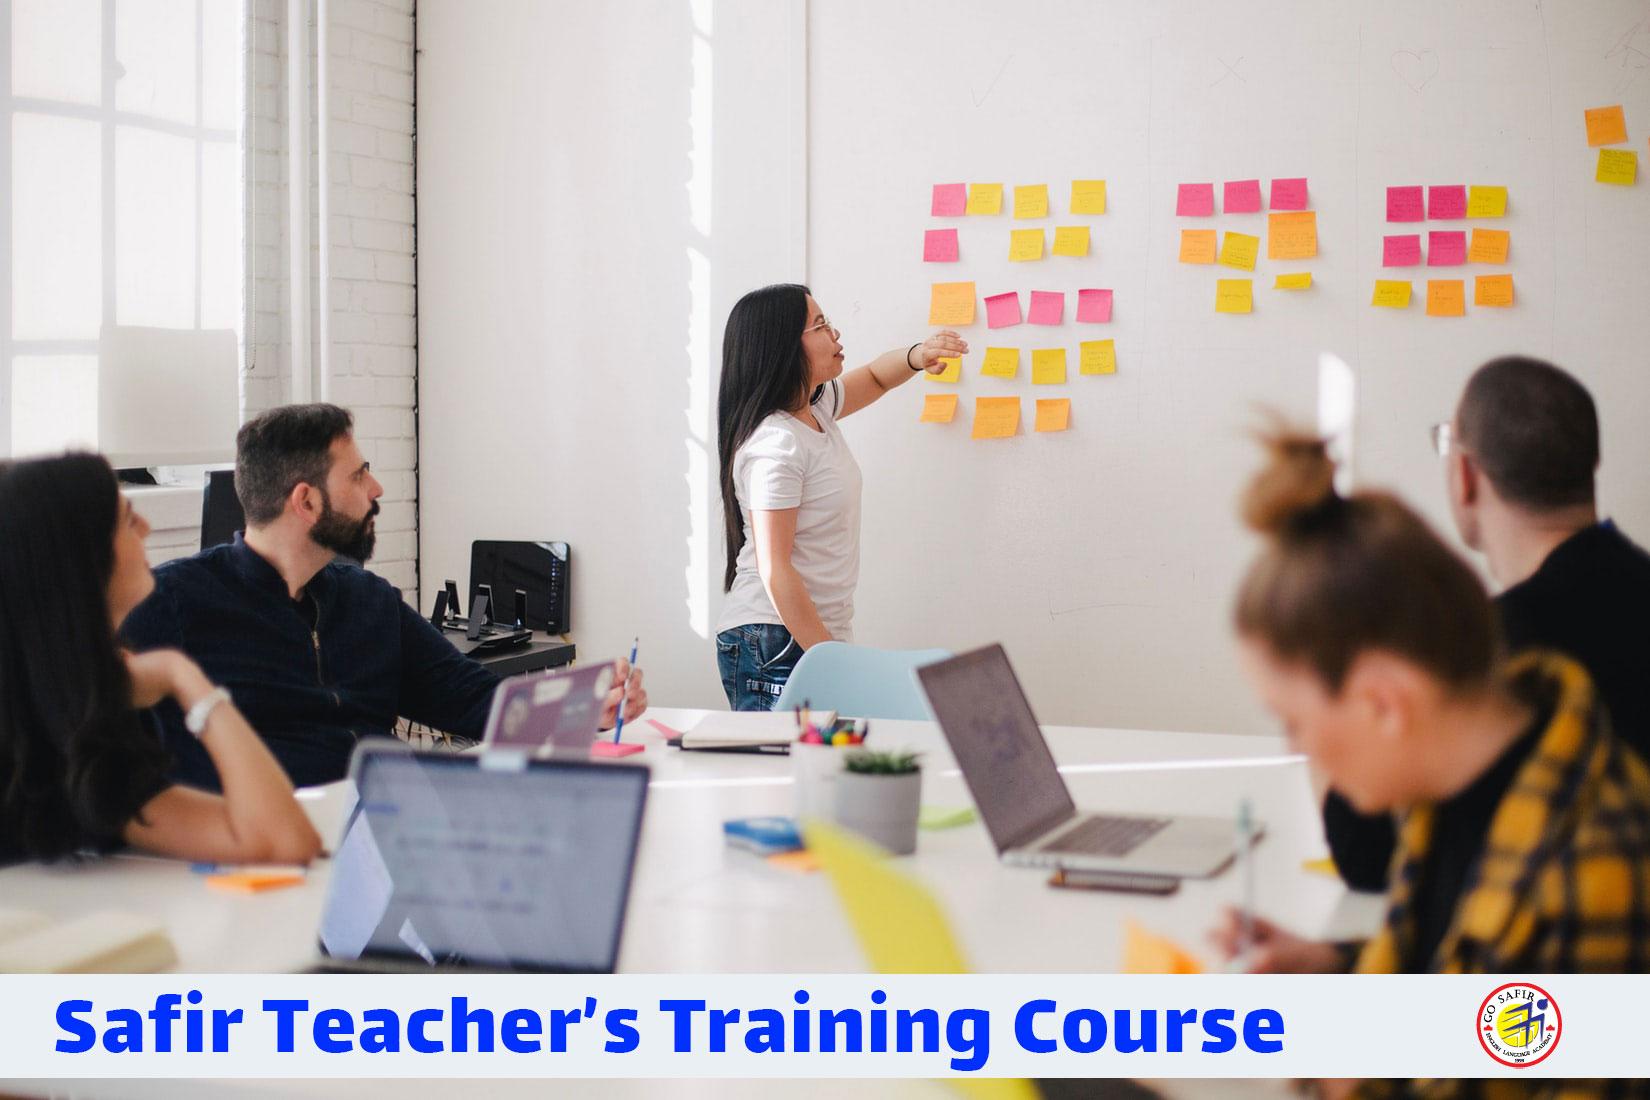 دوره TTC – دوره های تربیت مدرس زبان انگلیسی